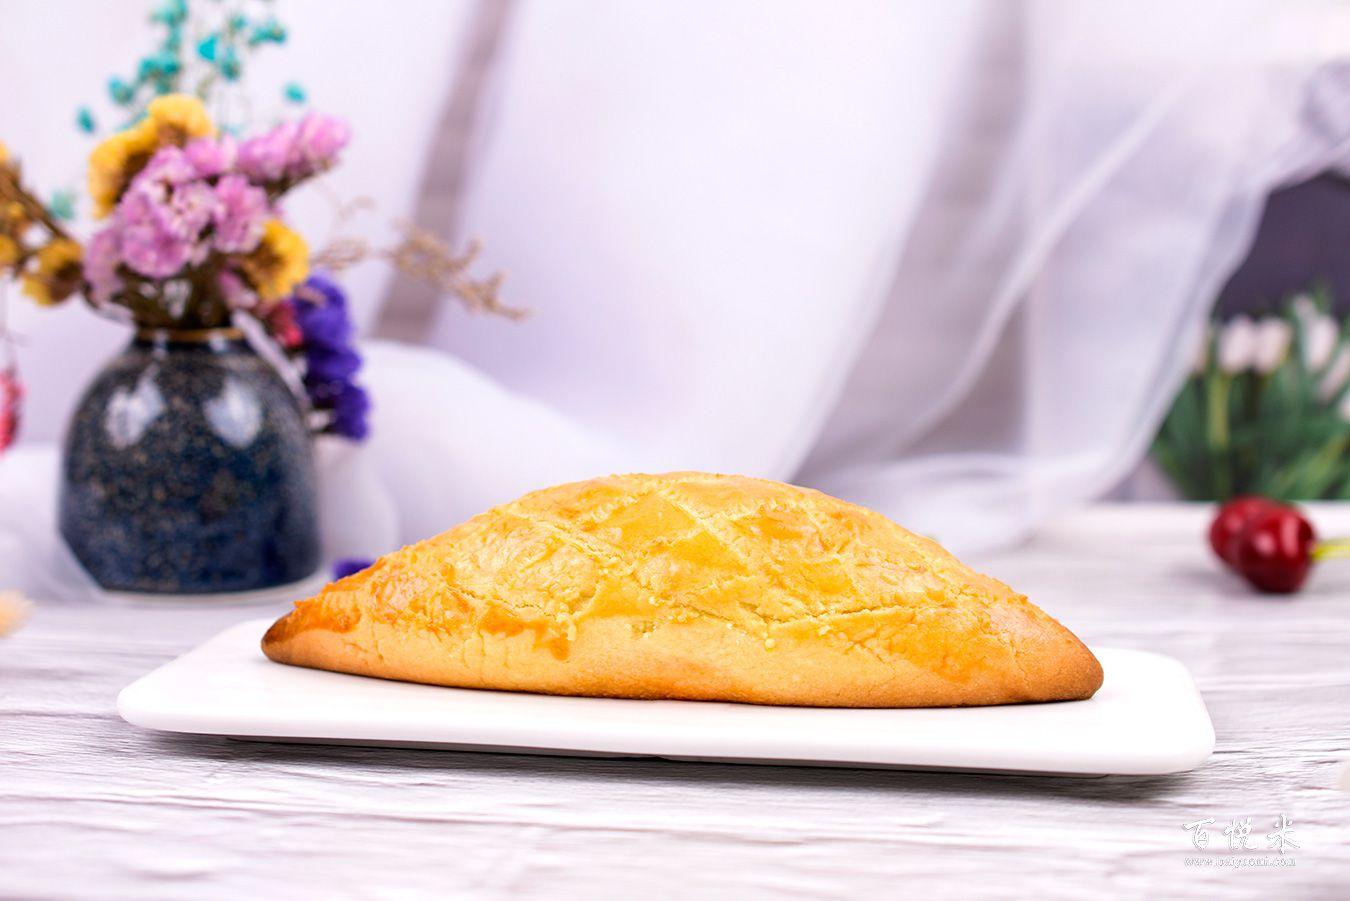 半蛋酥高清图片大全【蛋糕图片】_744